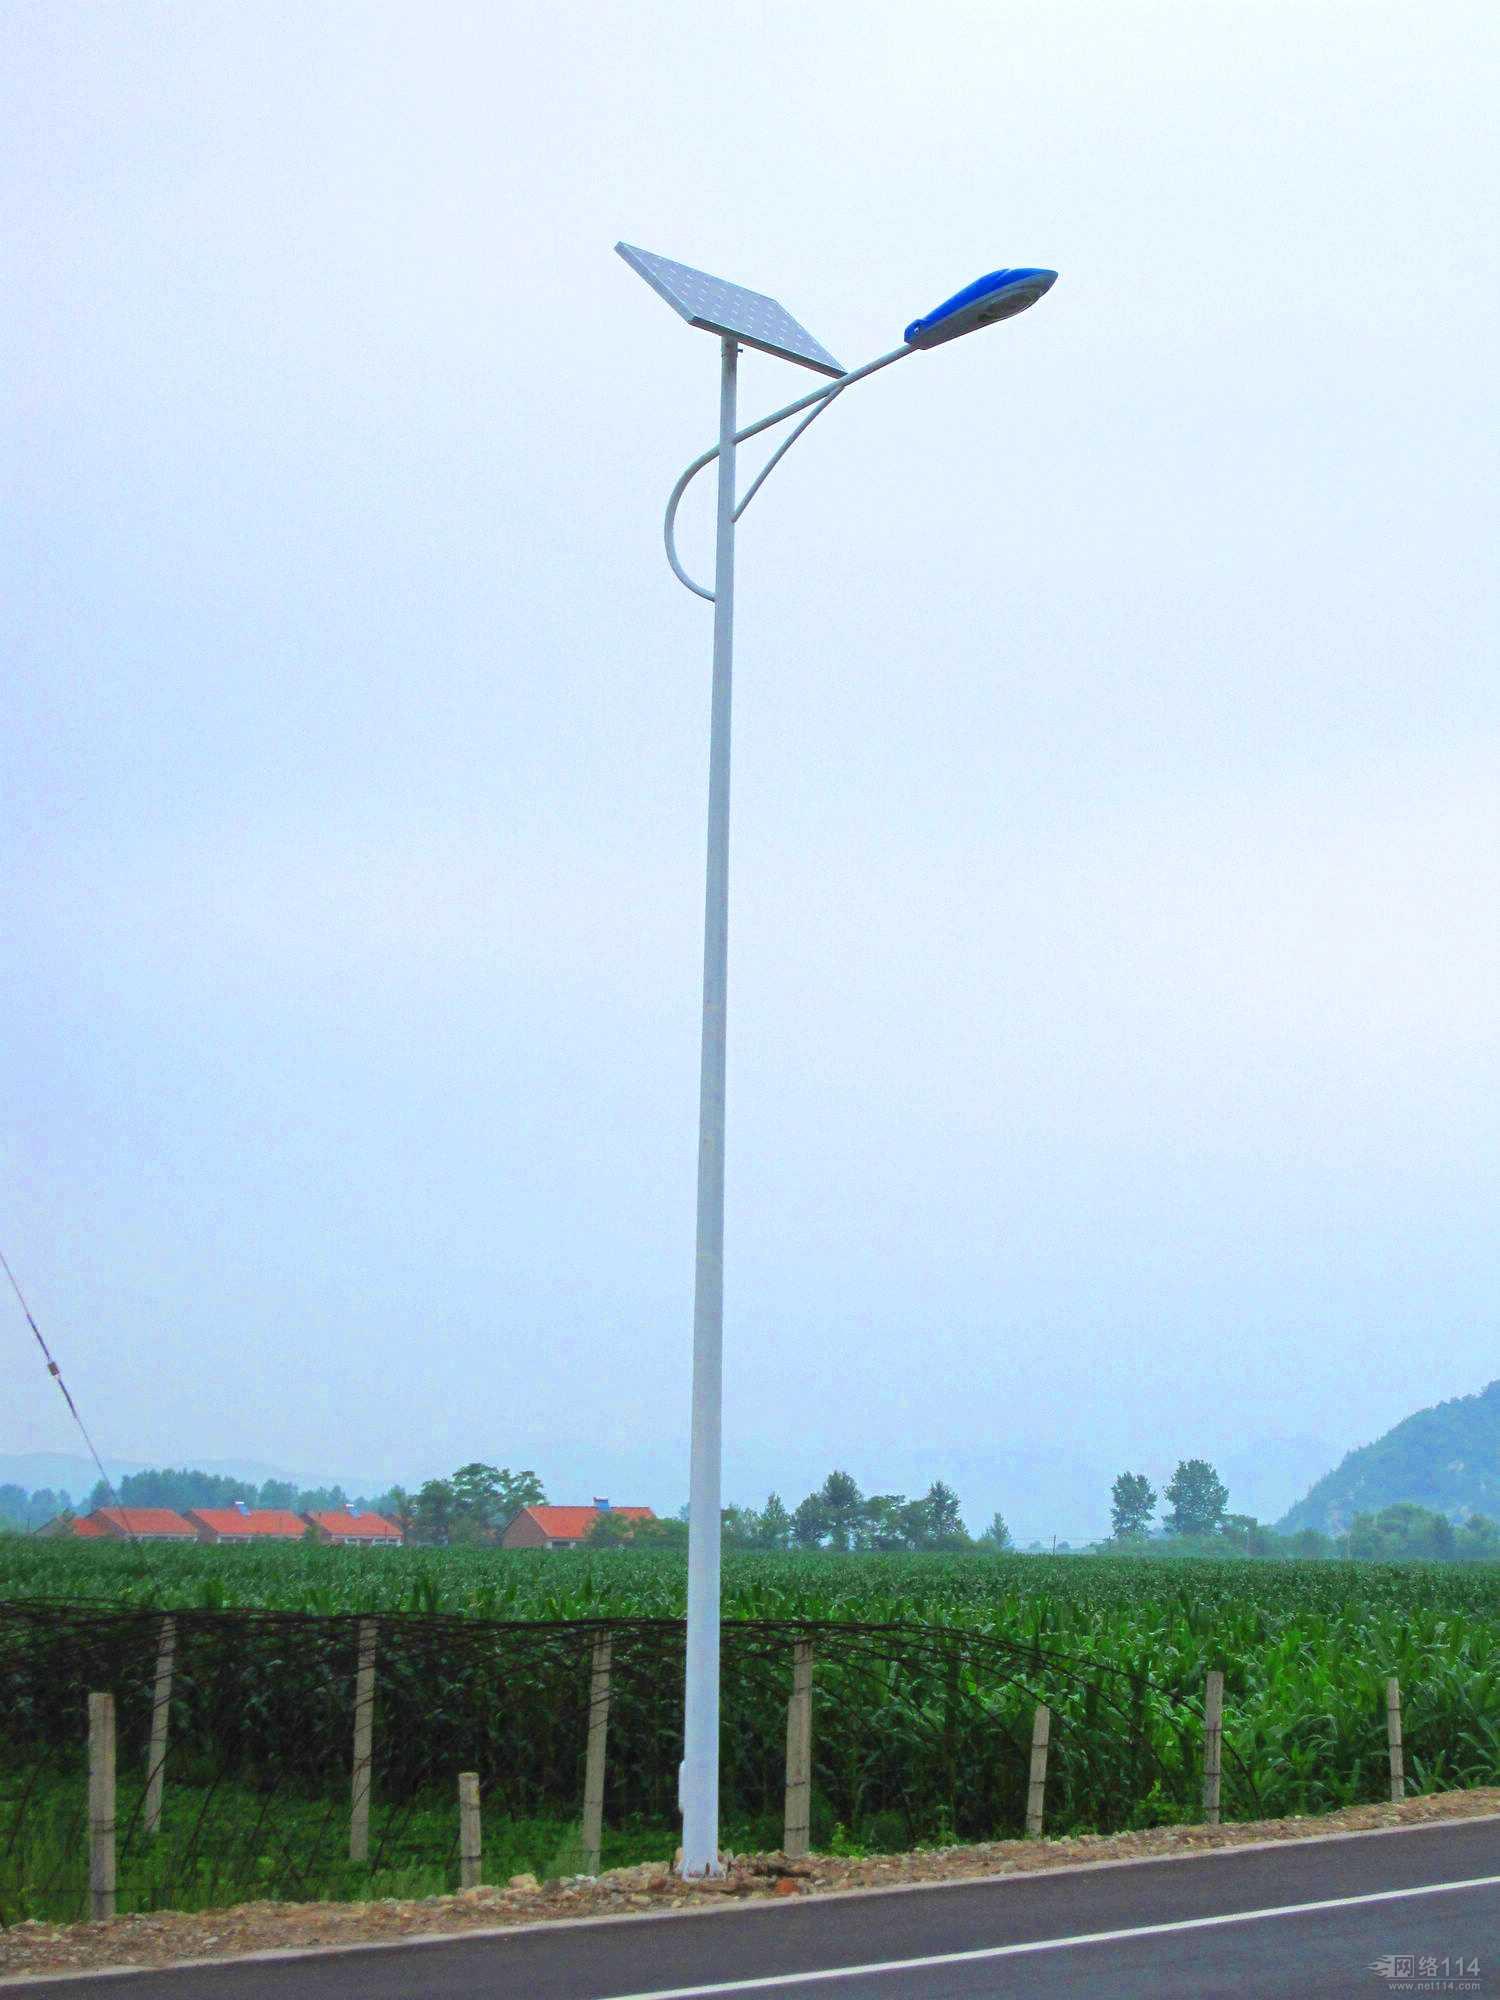 太阳能路灯具备pir人体感应功能